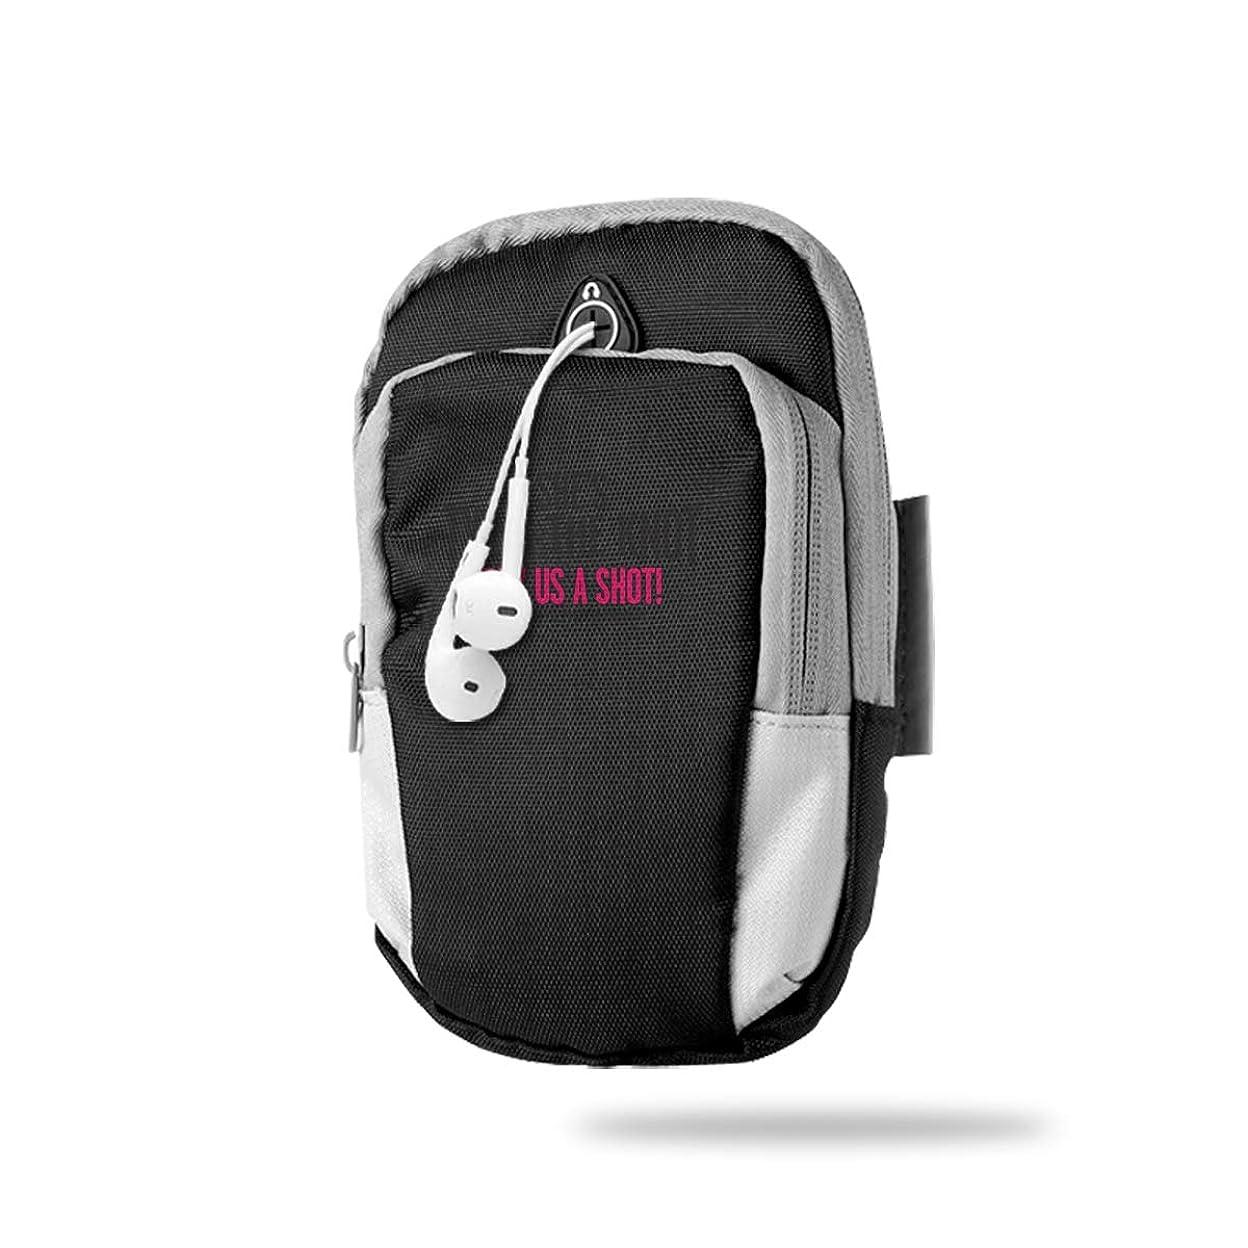 コンサートコーラス包帯スポーツアームバンド アームポーチ ウォーキング イヤホン穴付き 調節可能 軽量 ランニング ジョギング 多機能ポーチ ウエストバッグ スマホ収納